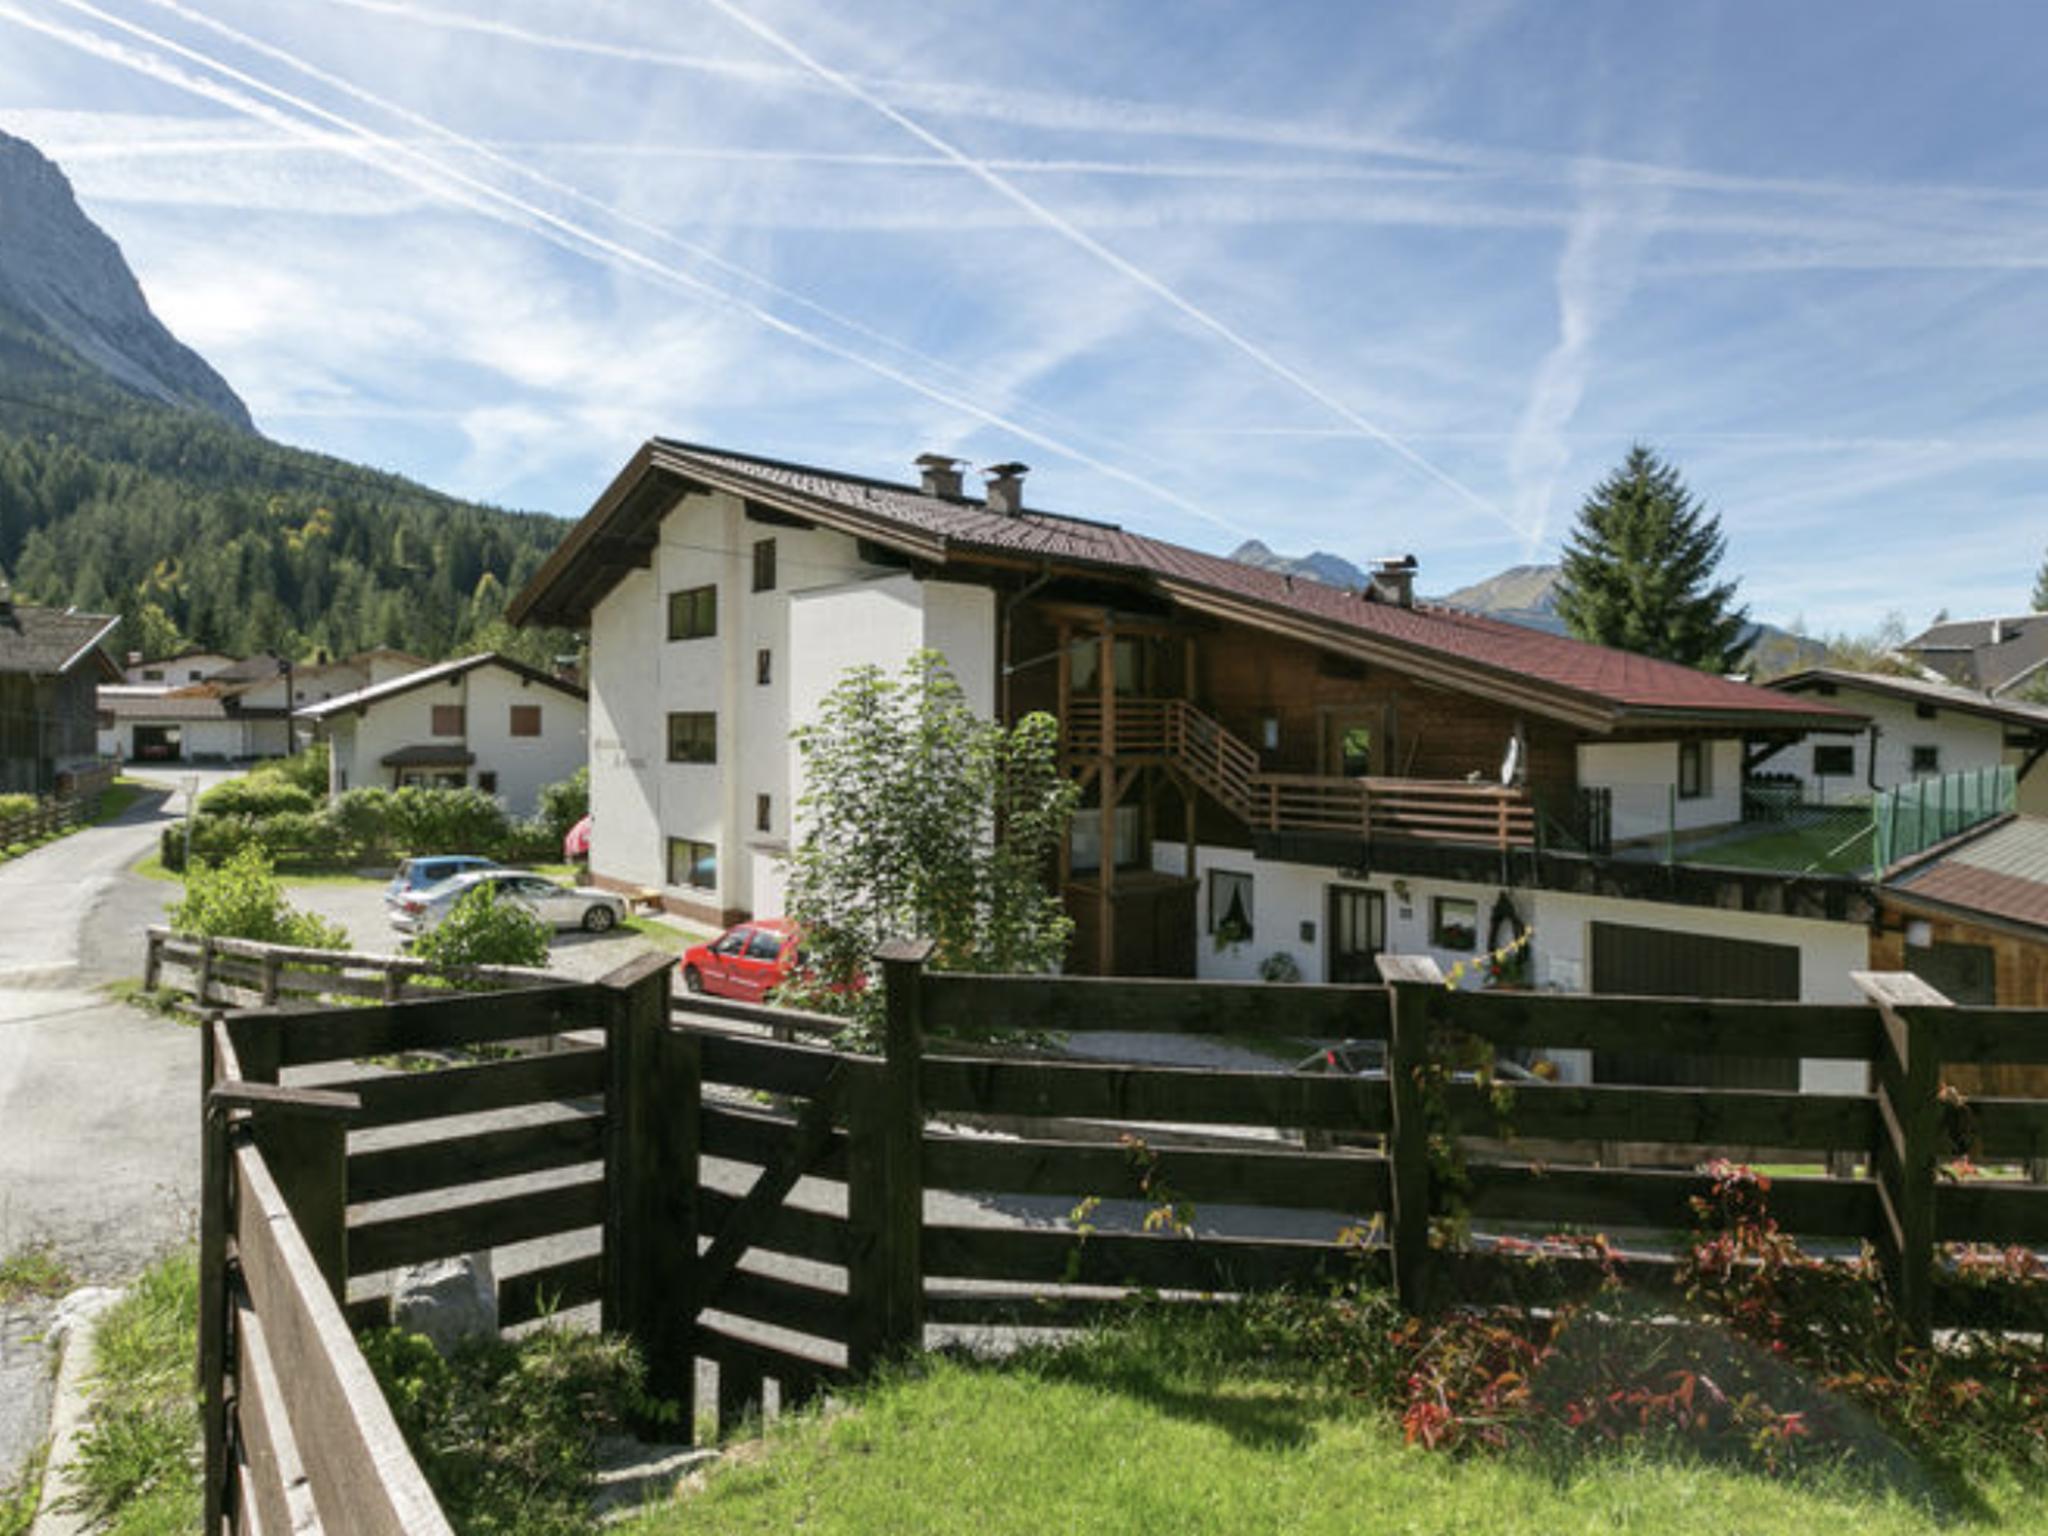 Kirschbaum 1 Tirol